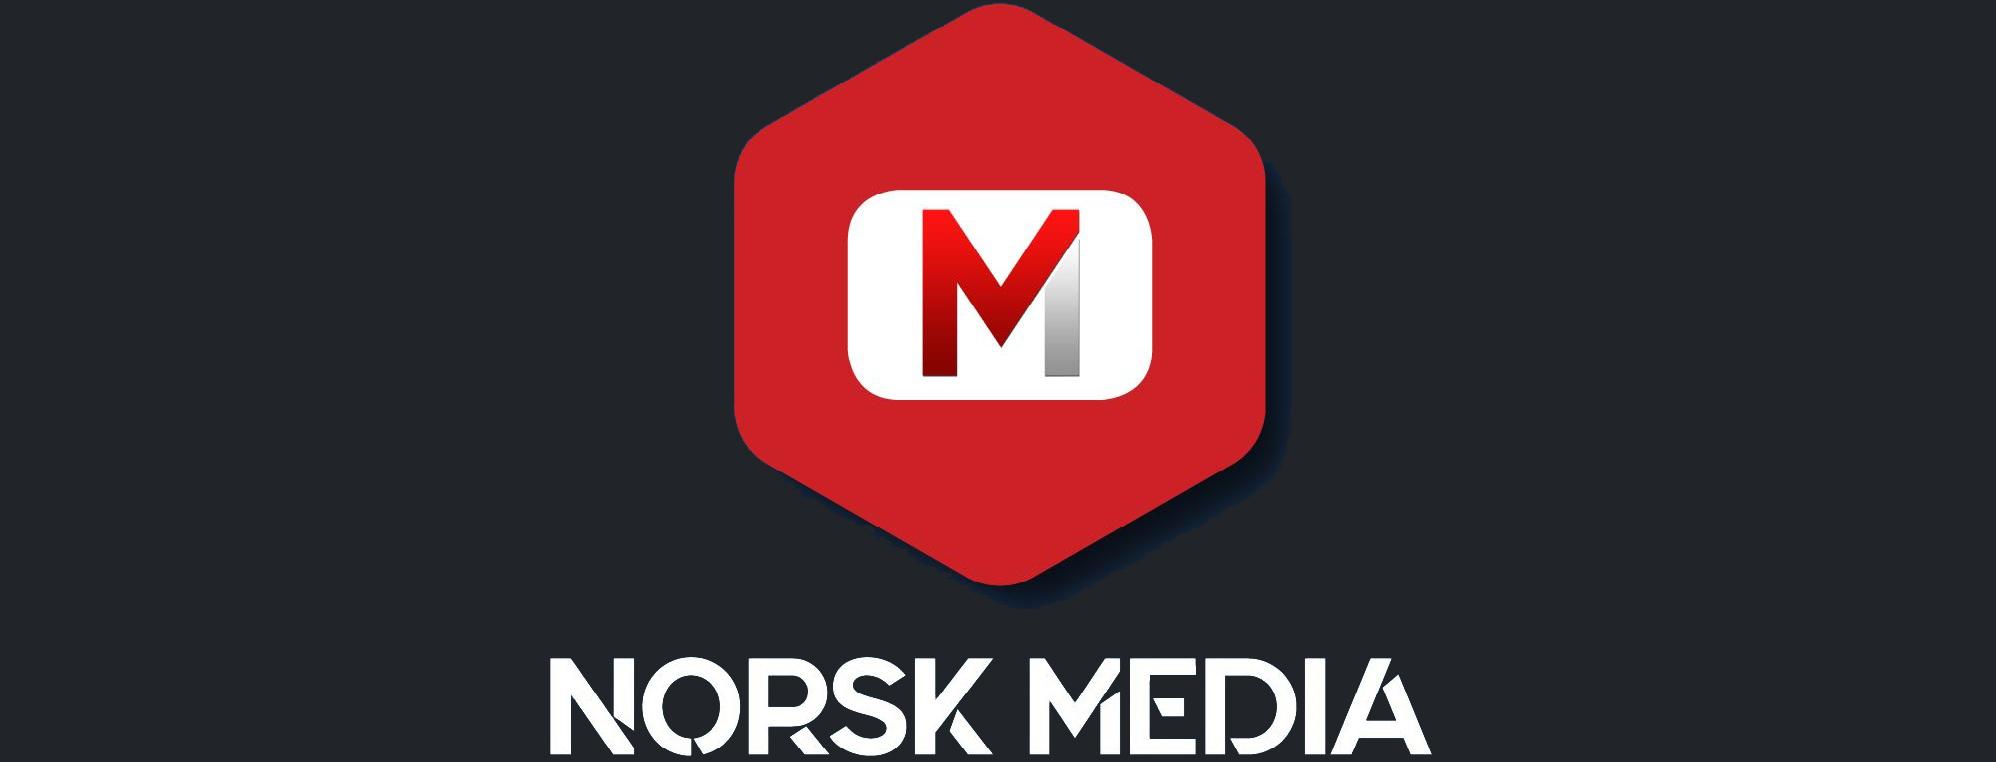 Norsk Media